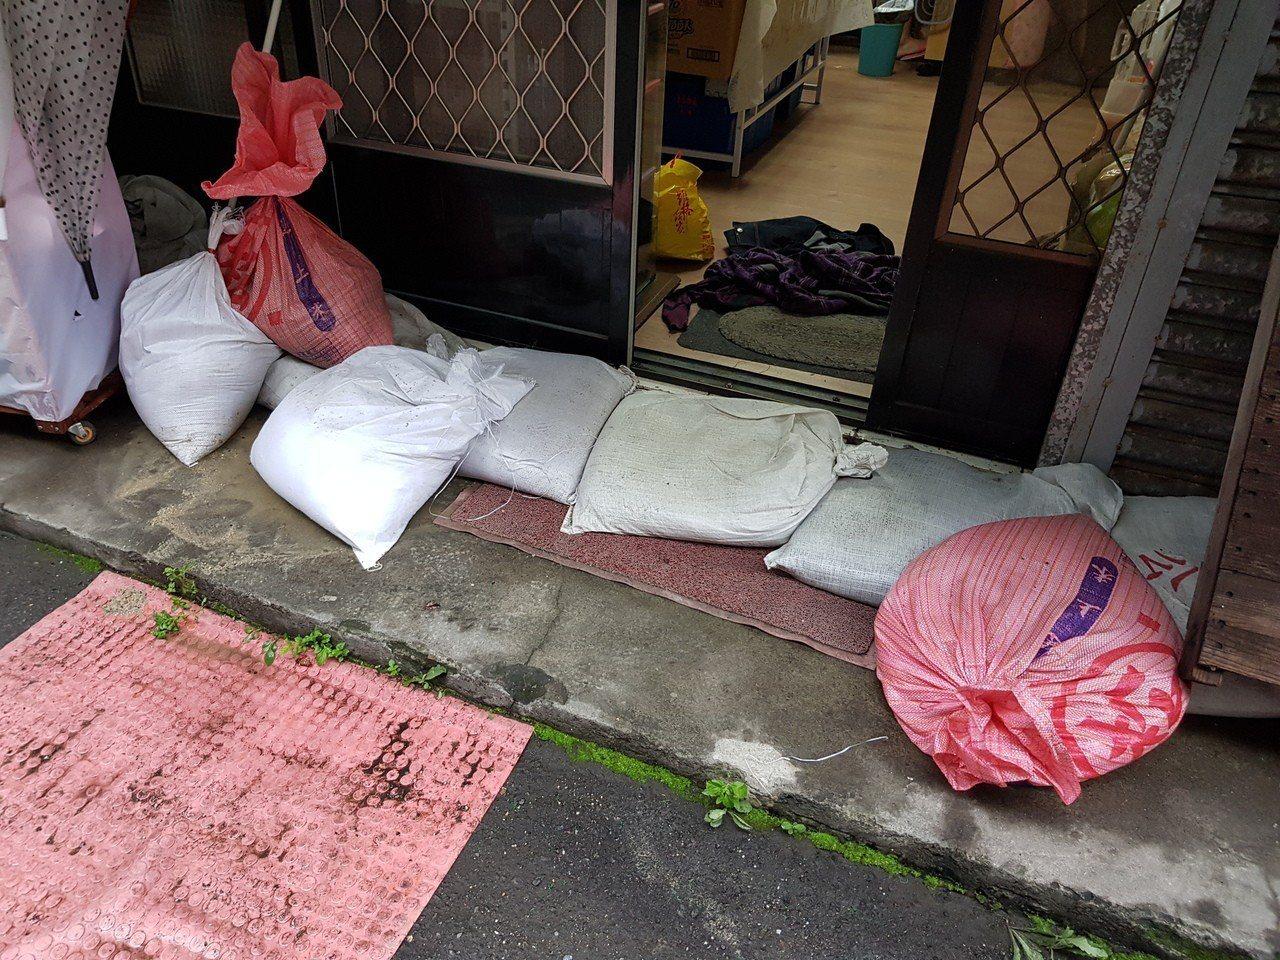 居民施小姐表示,好在里辦公處有沙包,她一早趕緊去借用防堵,水才沒淹入屋內客廳,否...